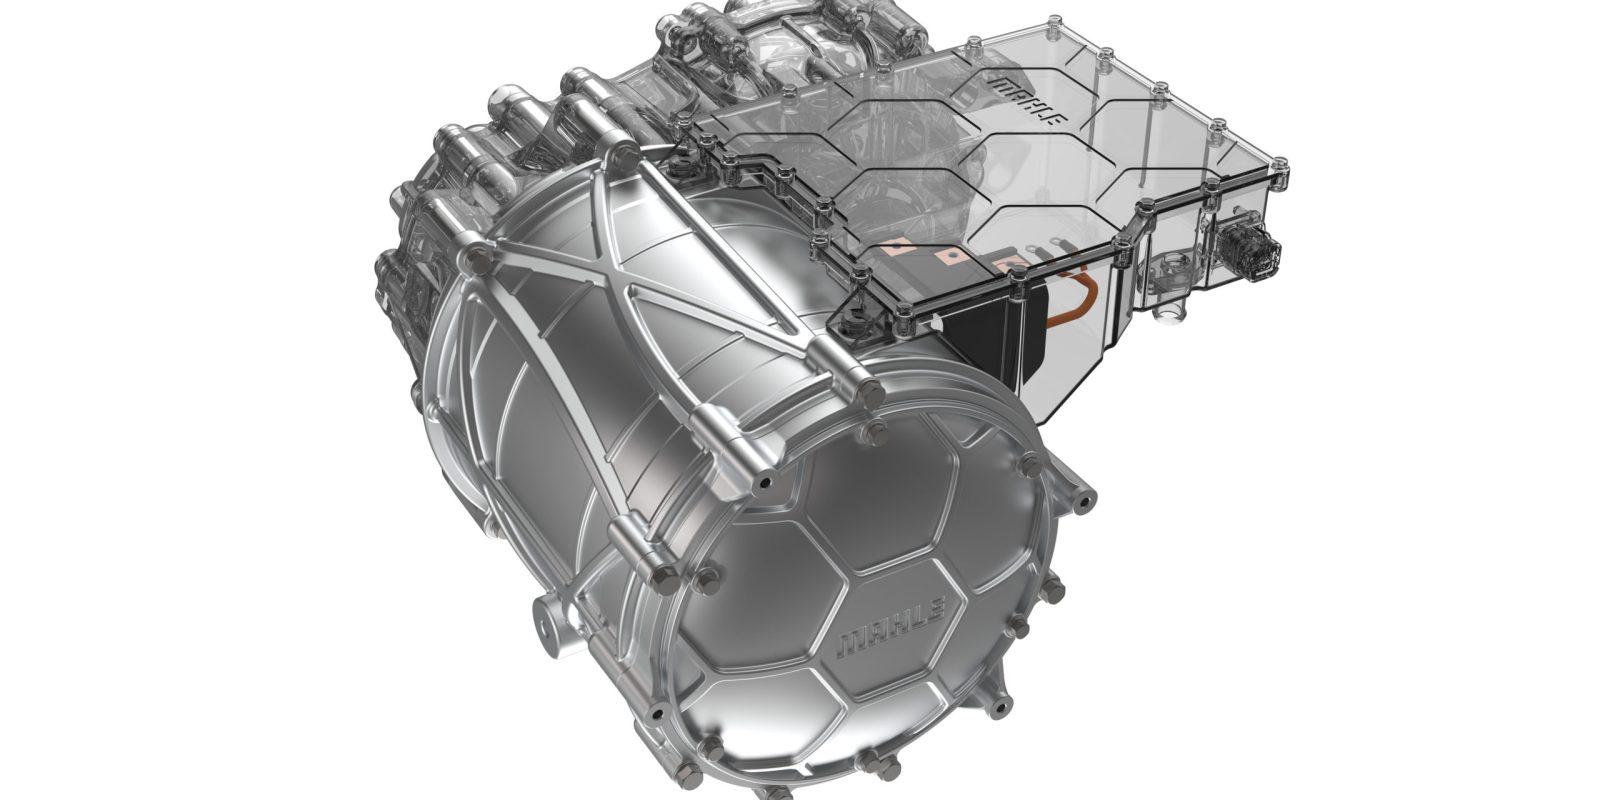 Motor Elétrico Mahle